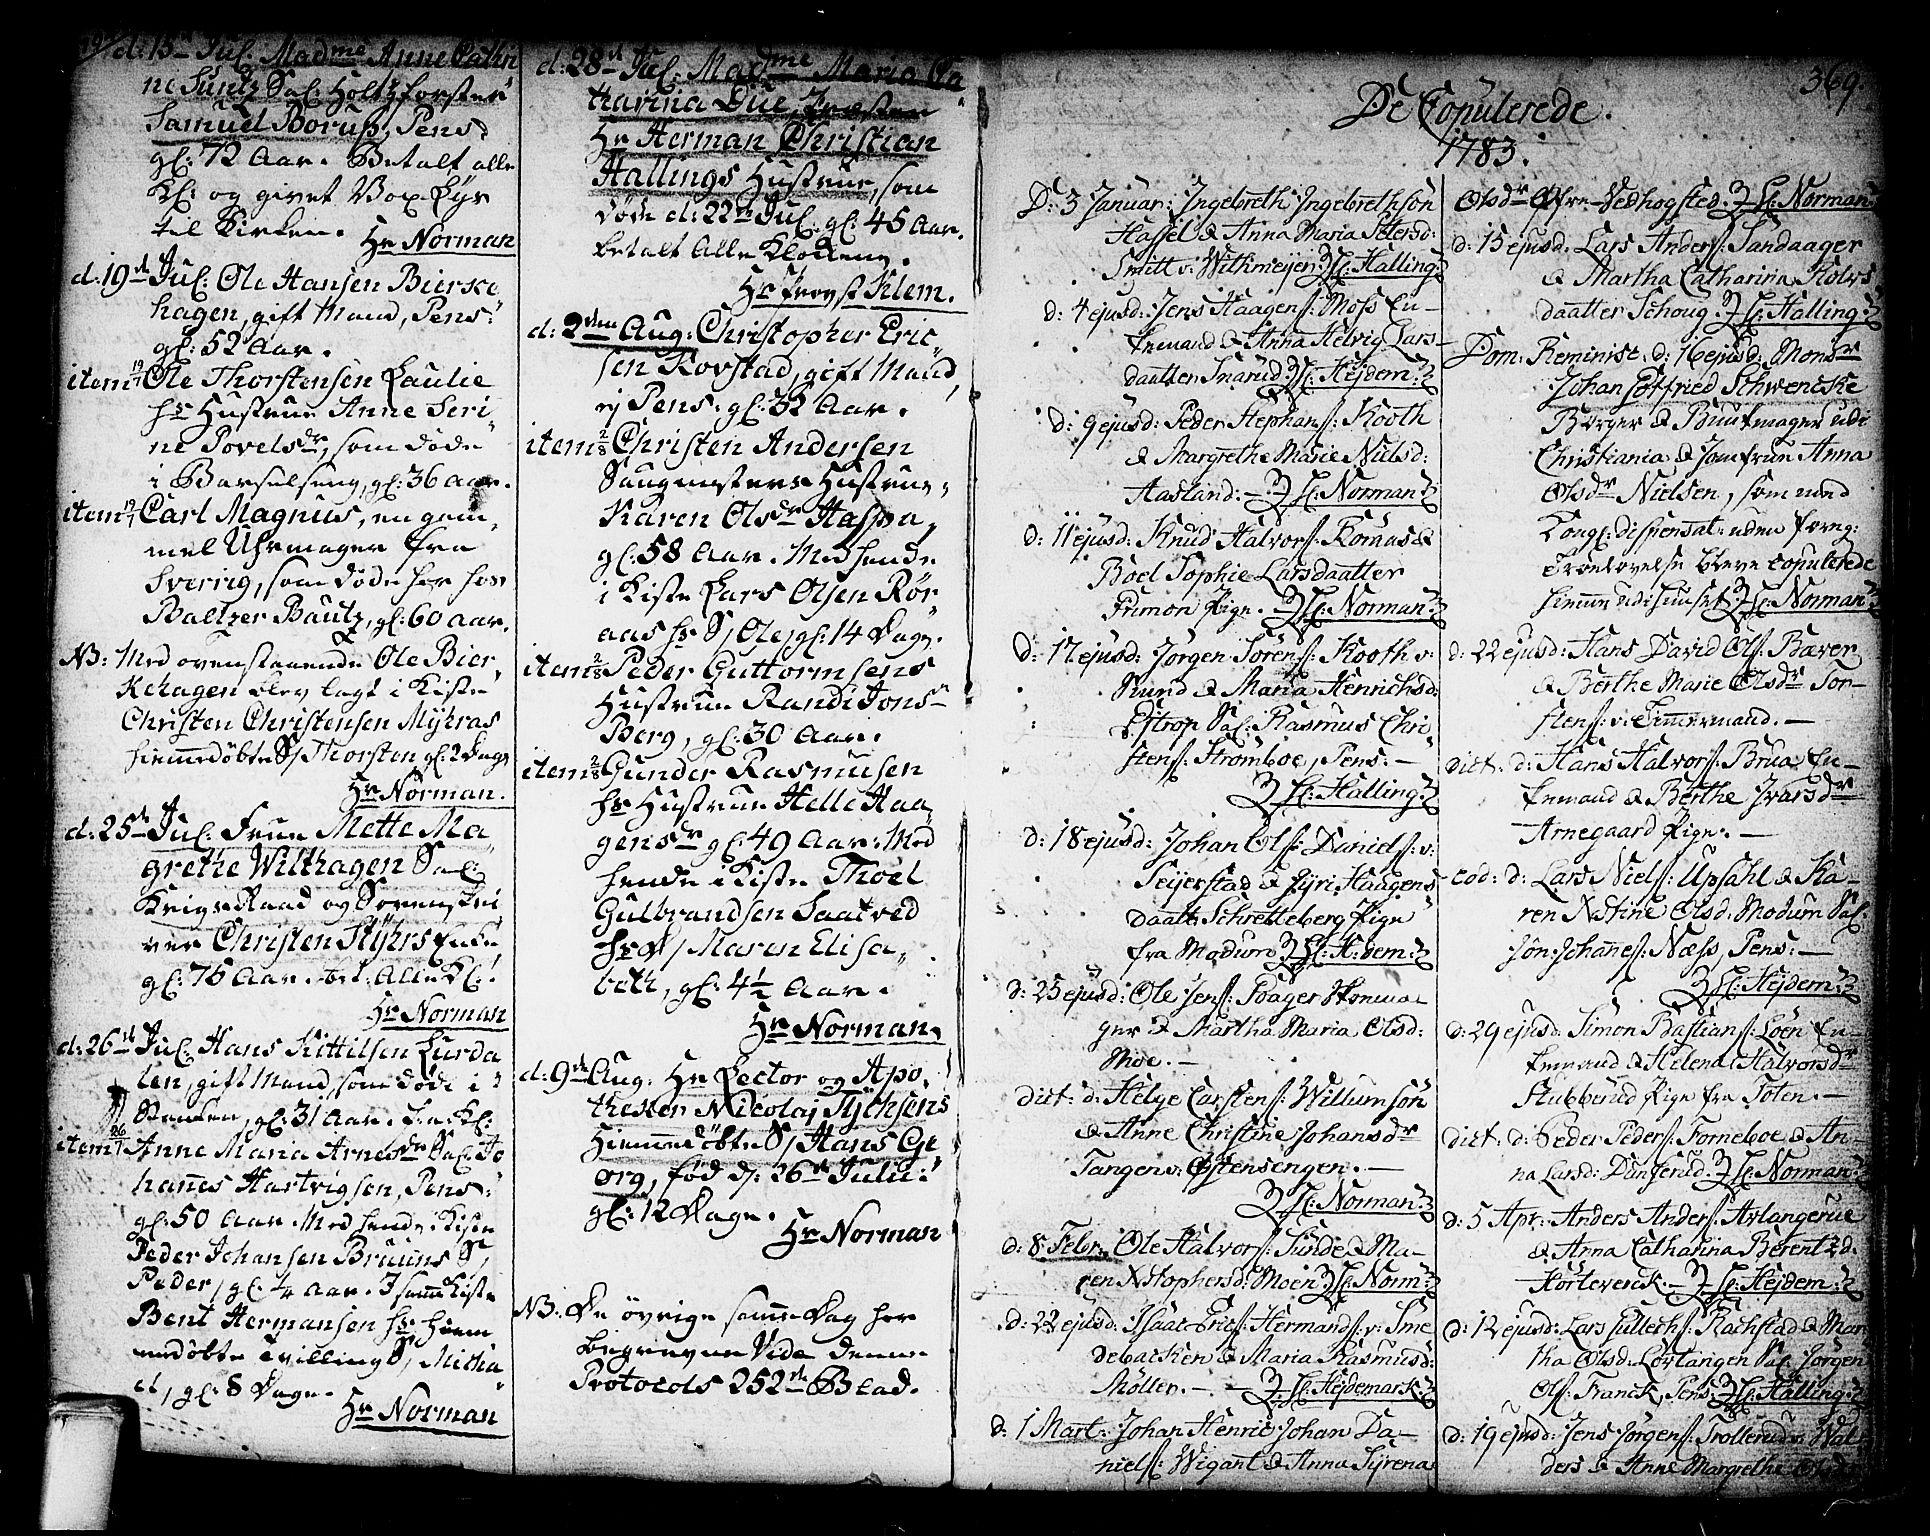 SAKO, Kongsberg kirkebøker, F/Fa/L0006: Ministerialbok nr. I 6, 1783-1797, s. 369